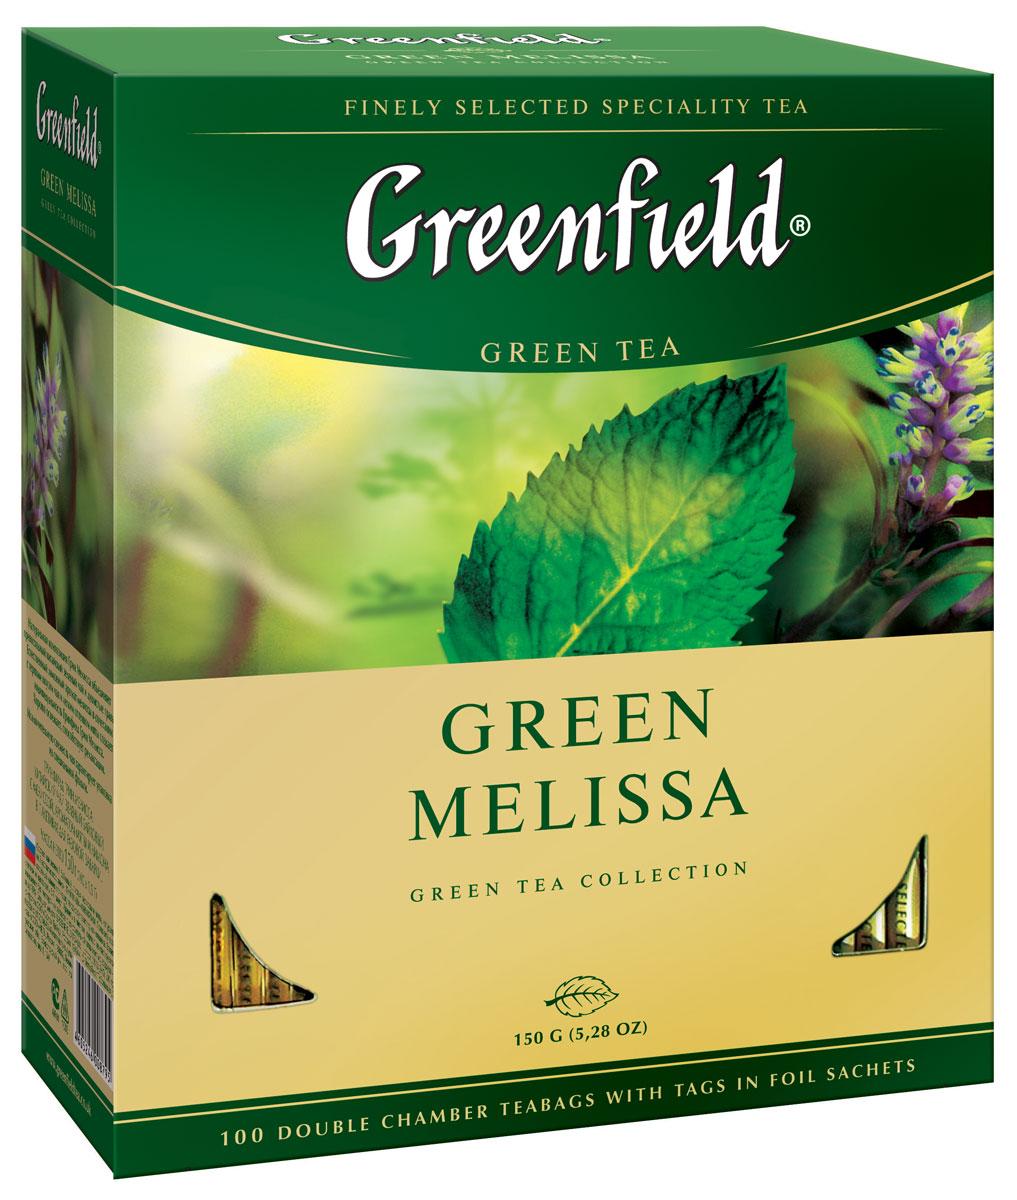 Greenfield Green Melissa зеленый чай в пакетиках, 100 шт0879-09Натуральная композиция Greenfield Green Melissa объединяет превосходный китайский зеленый чай и душистые травы. Естественный лимонный аромат мелиссы в сочетании с терпким вкусом чая и легким оттенком мяты создает индивидуальность Greenfield Green Melissa. Хорошо освежает, способствует релаксации.